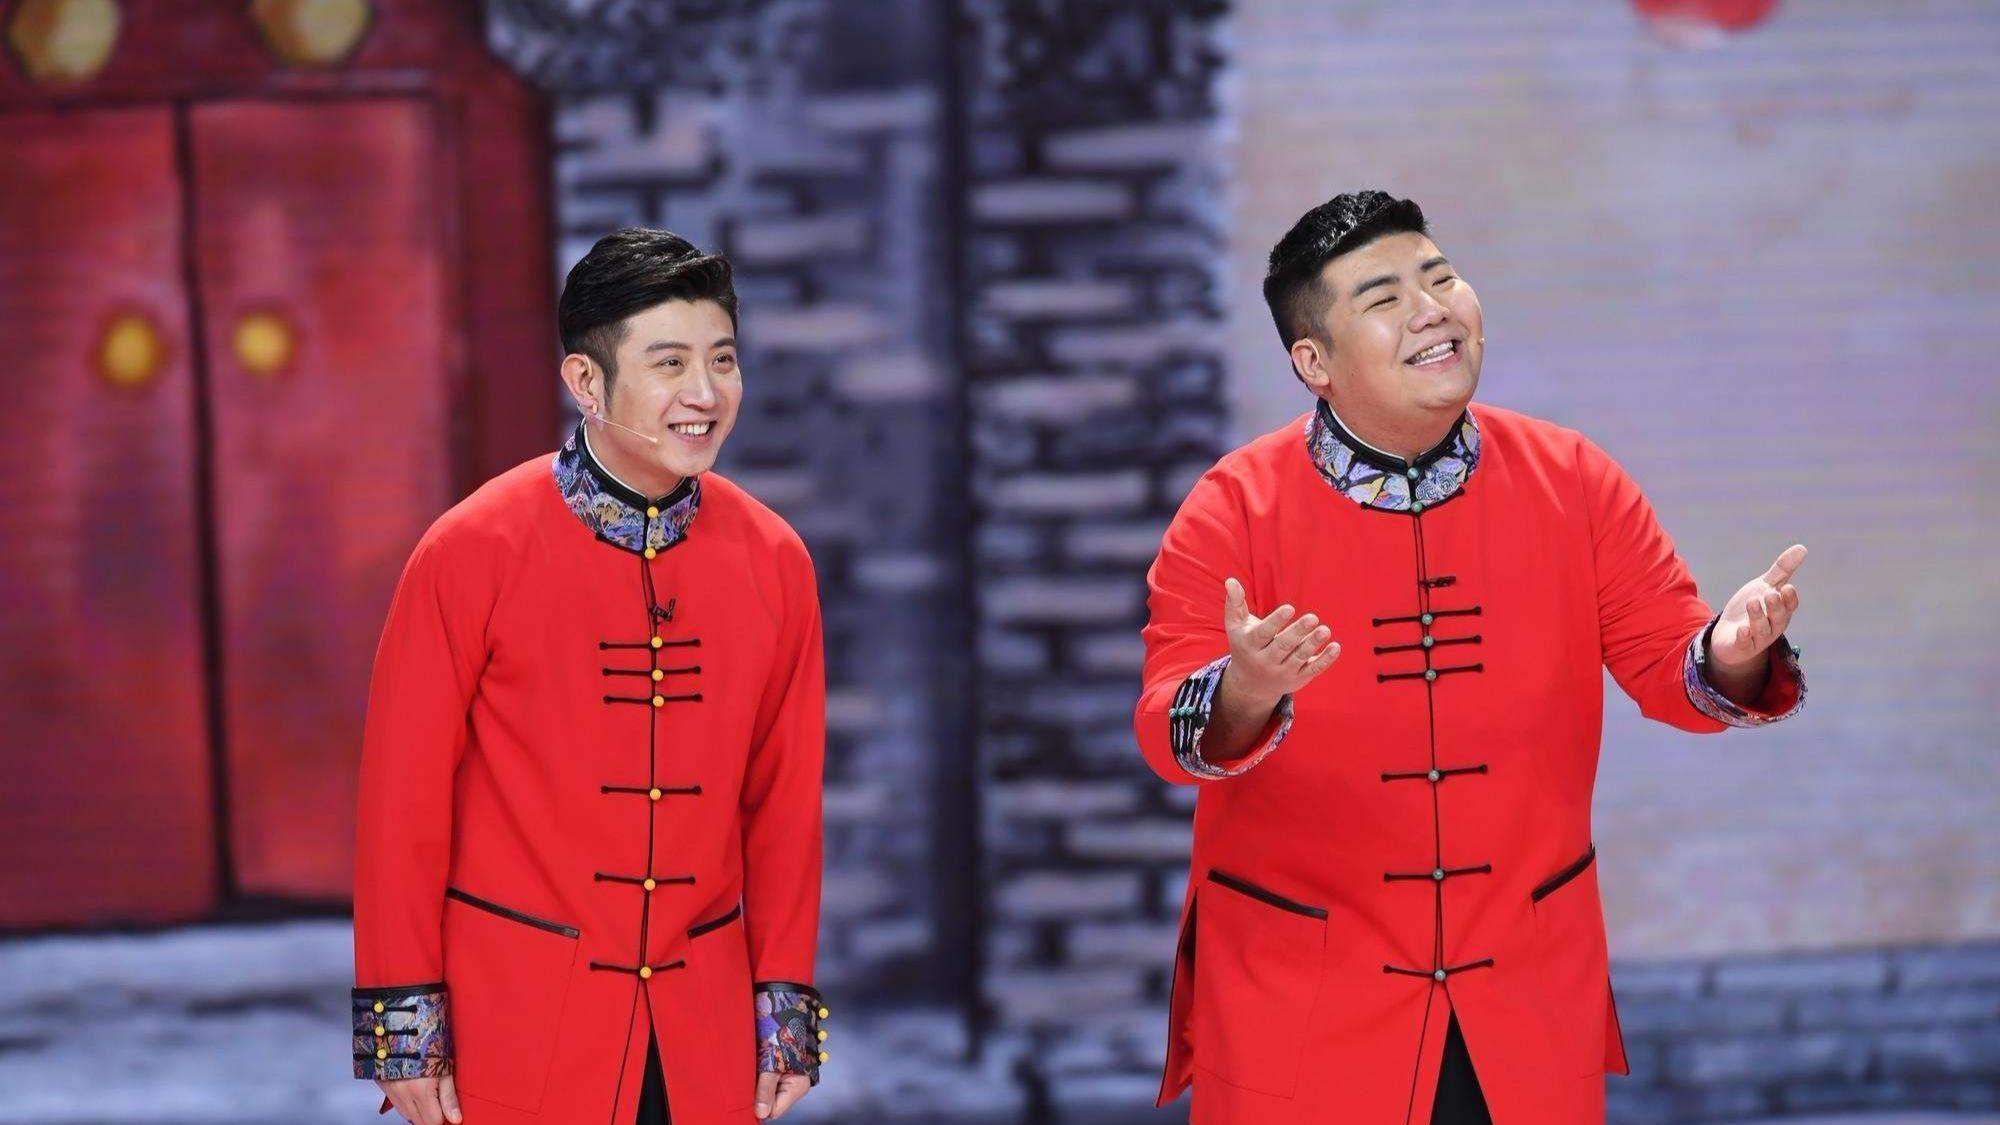 高晓攀尤宪超2017年央视春晚相声《姥说》台词